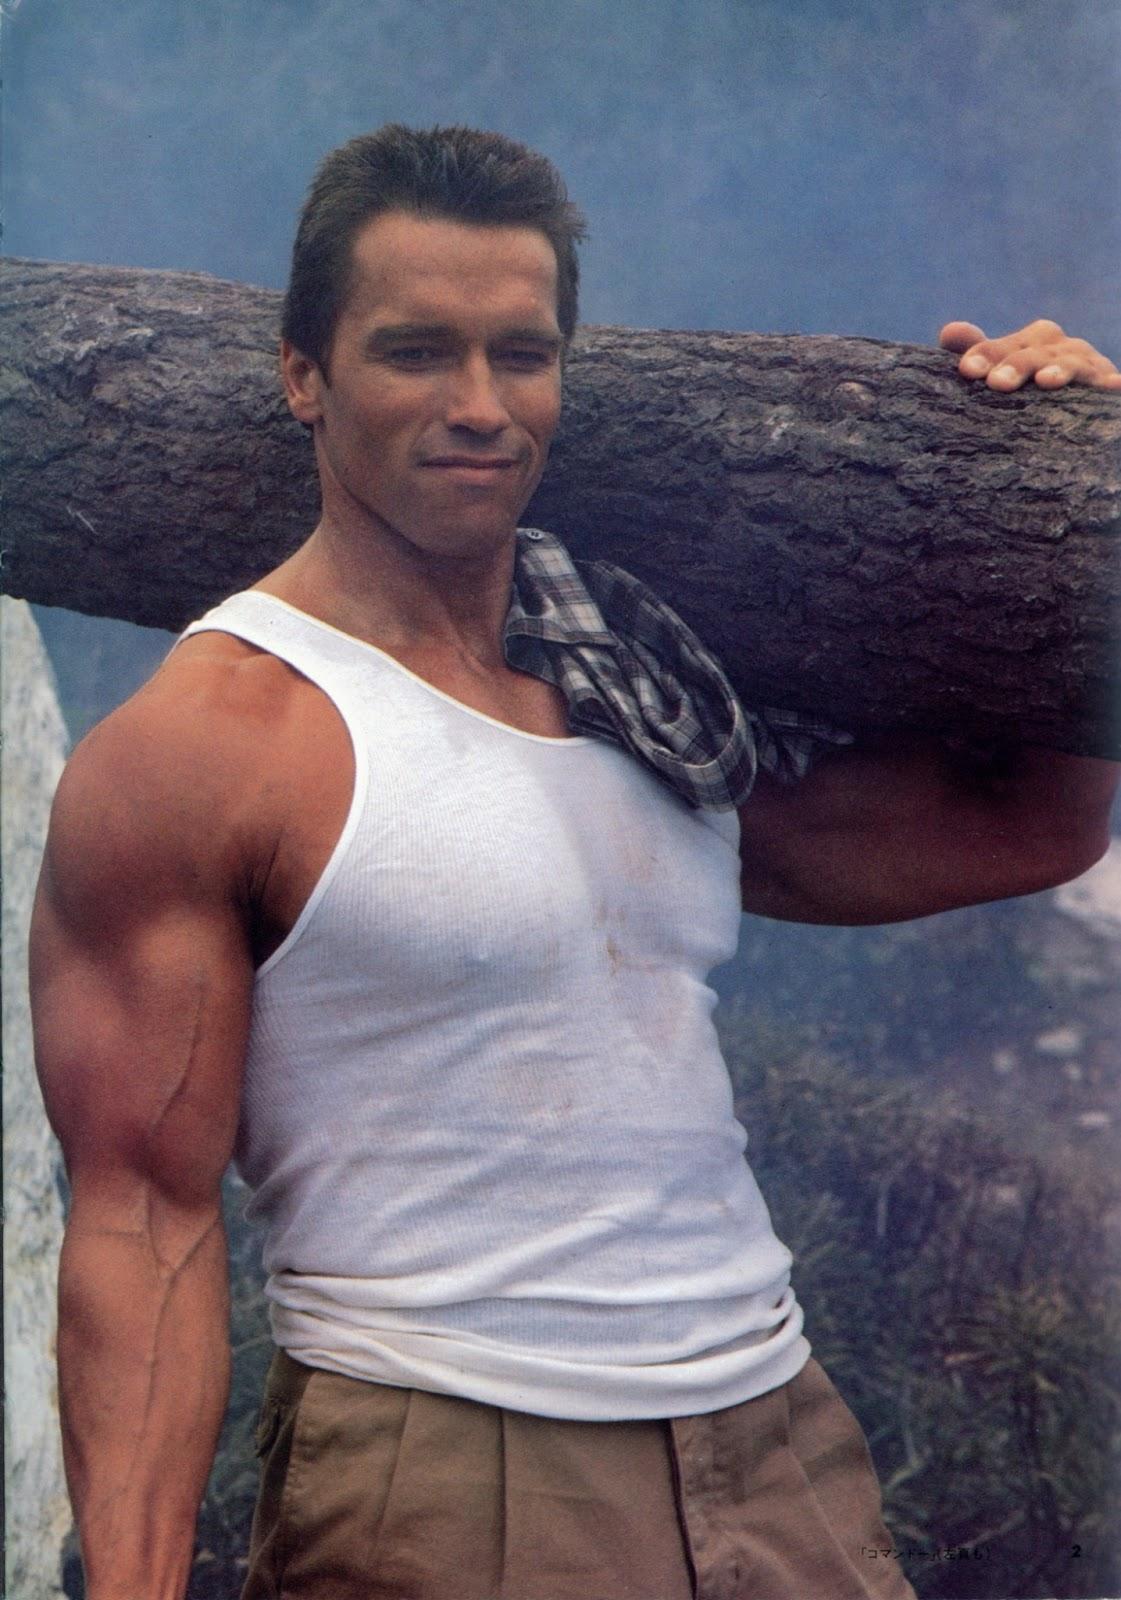 http://3.bp.blogspot.com/-kgKlctuR-qE/UPLv1DlxZZI/AAAAAAAADgA/K5nk6F169mk/s1600/Arnold+Schwarzenegger+as+John+Matrix.jpg